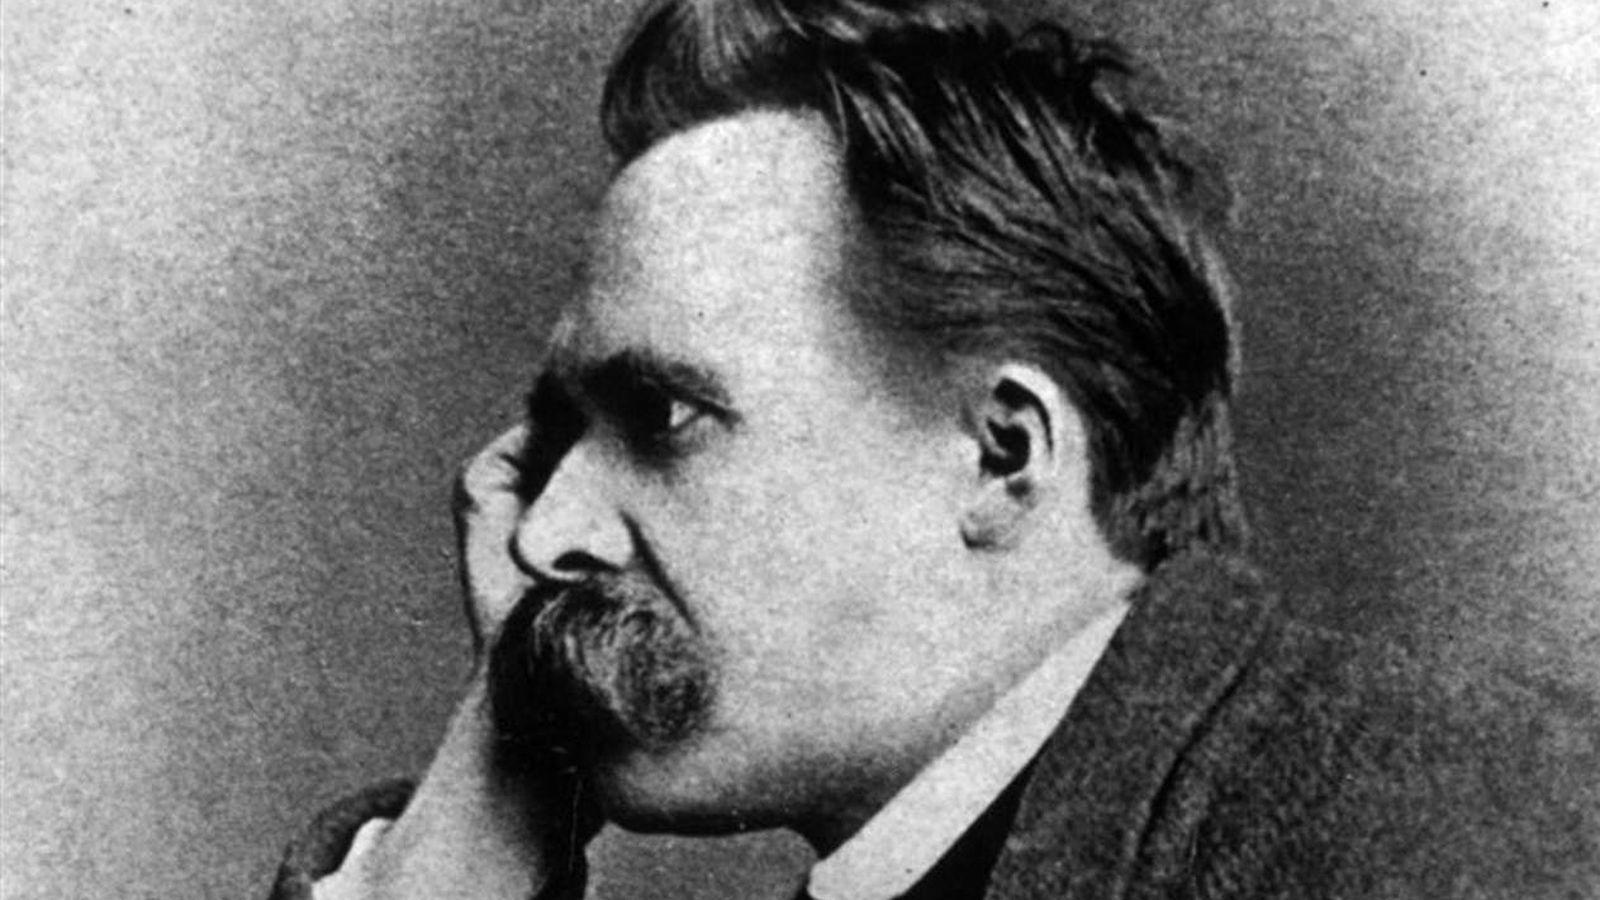 3637cc0a427 17 frases de Friedrich Nietzsche para recordarle en el día de su 174  aniversario